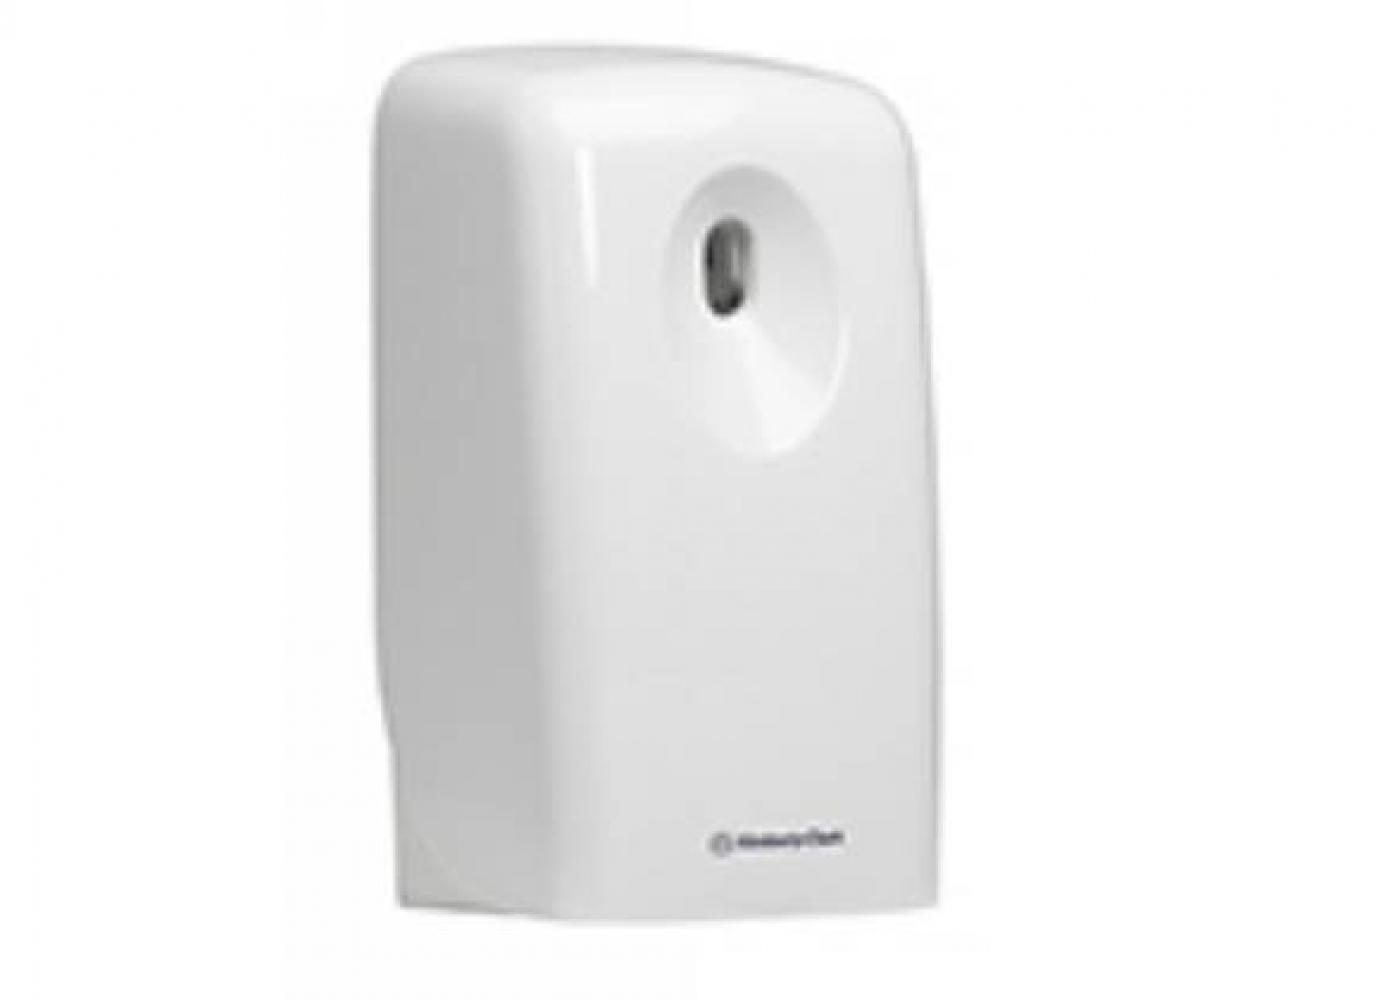 Acquista Distributore Aquarius Deodoranti 17545639 | Glooke.com